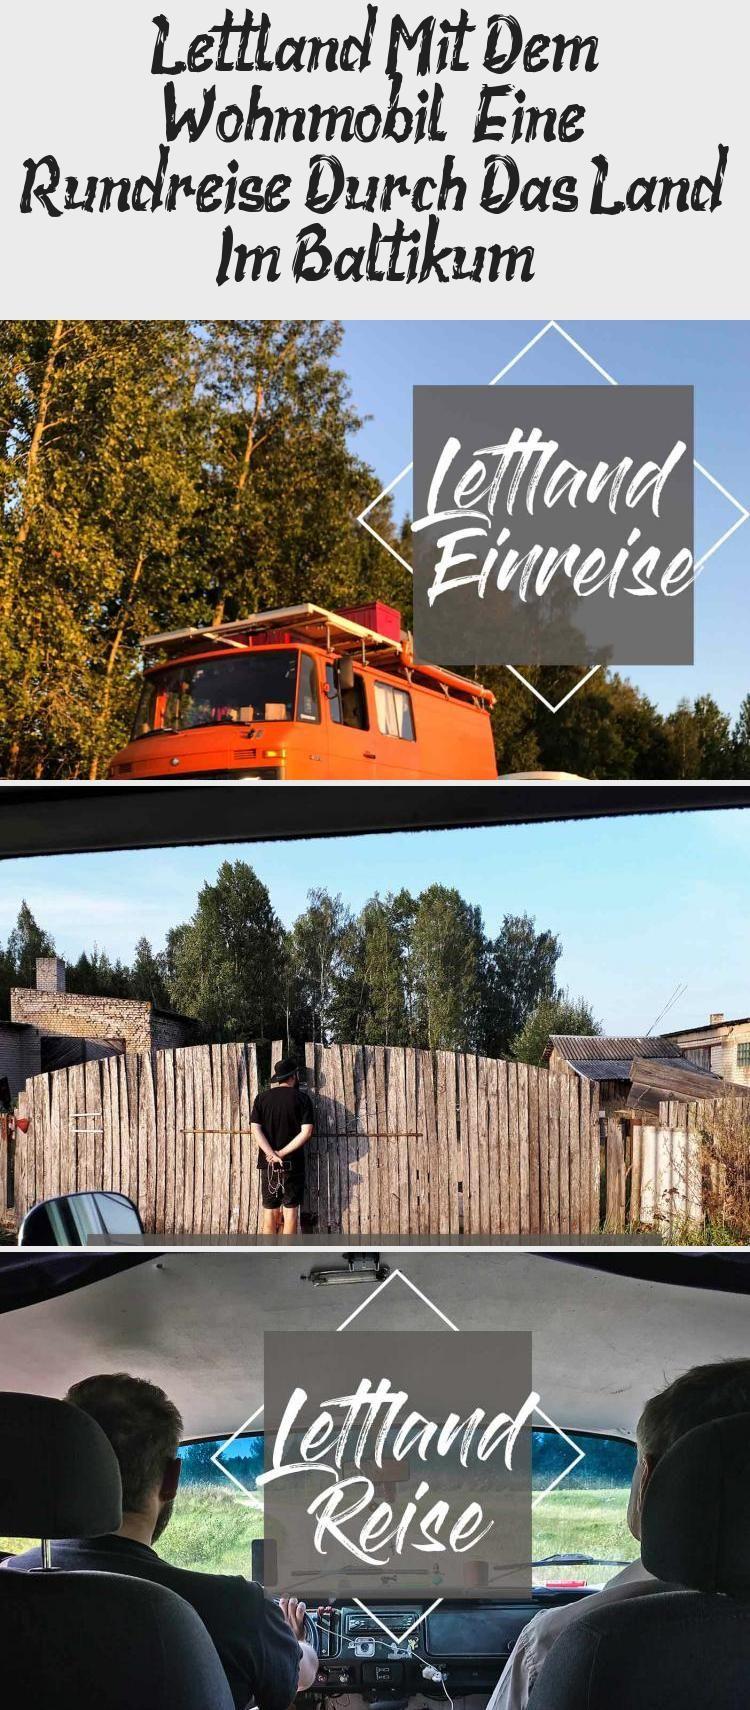 Lettland Mit Dem Wohnmobil Eine Rundreise Durch Das Land Im Baltikum In 2020 Lettland Wohnmobil Reisen